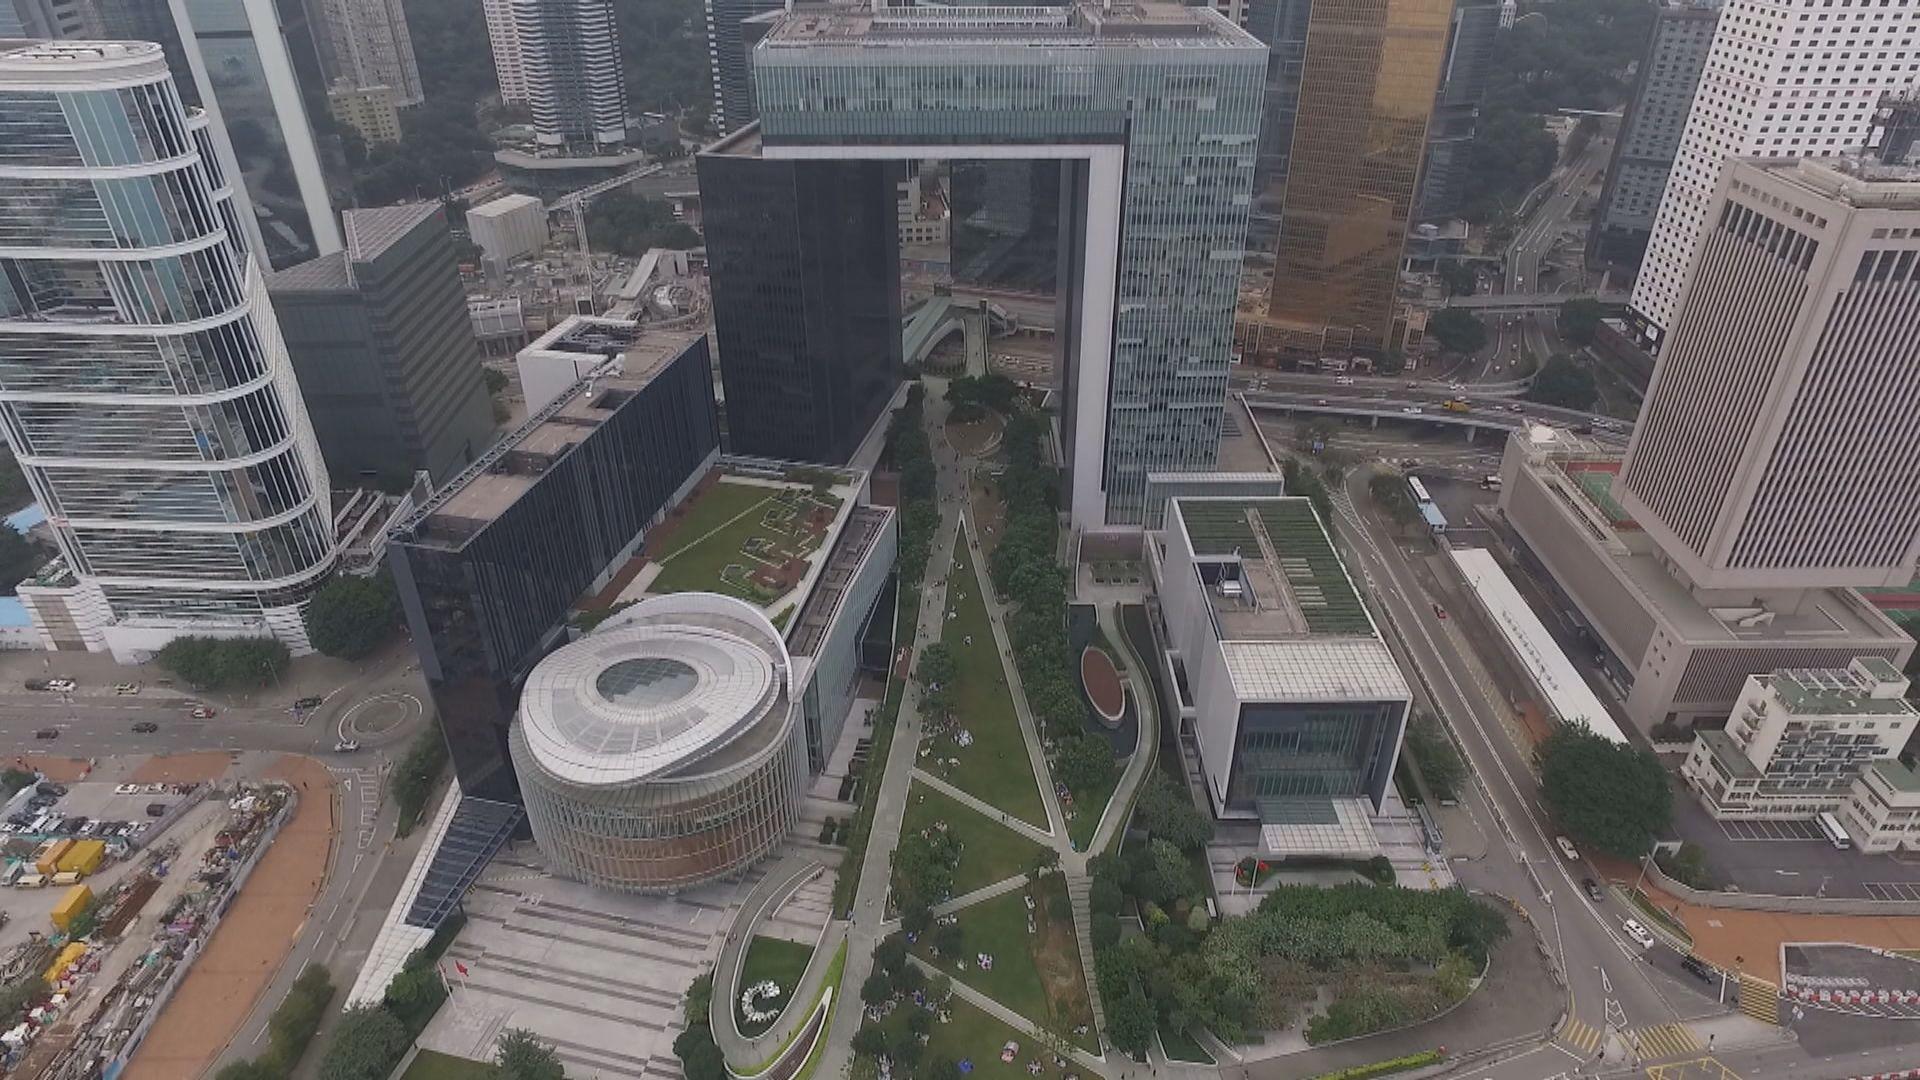 政府奉勸政界人士停止促請其他政府干預香港事務